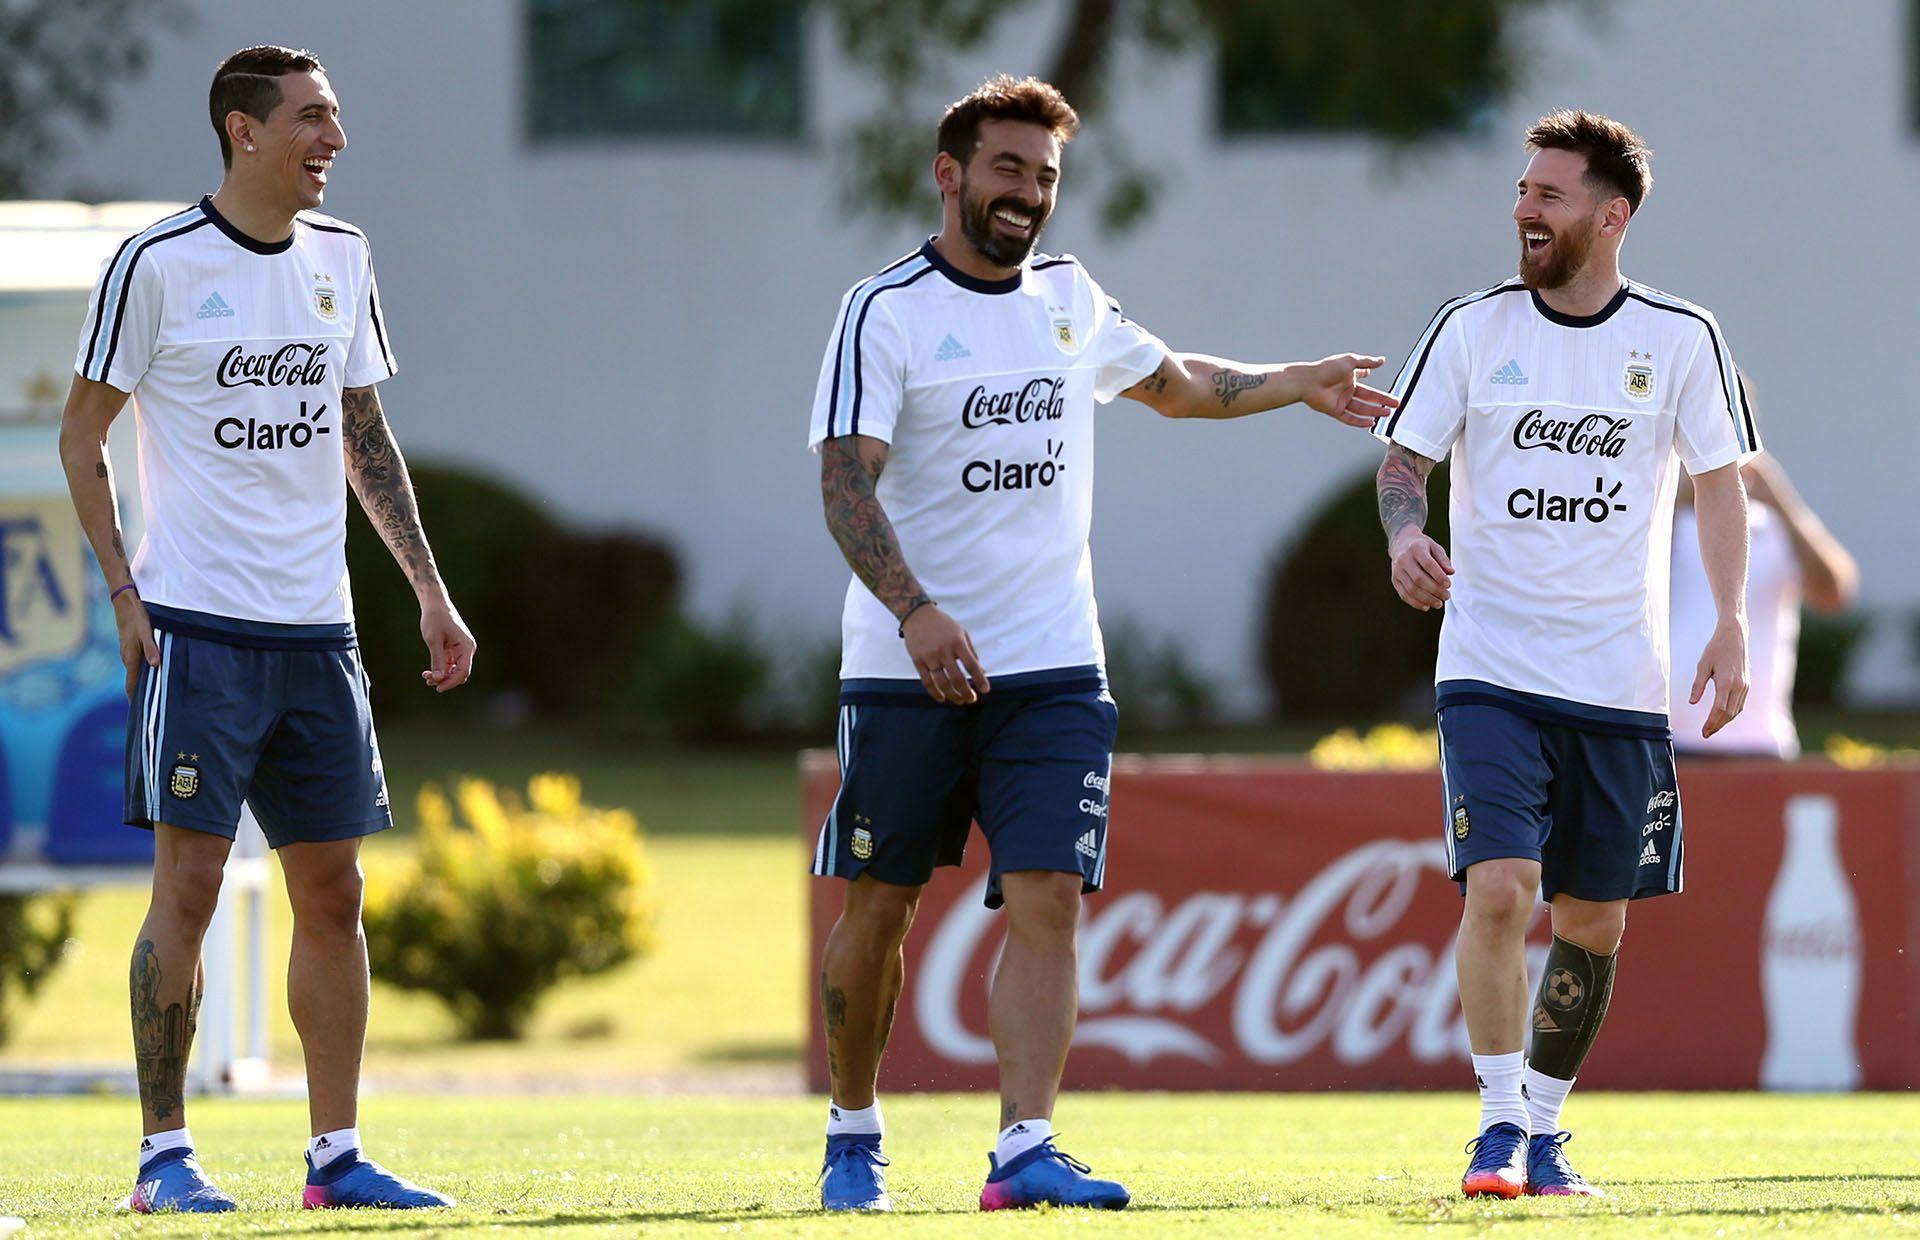 Ángel Di María, Ezequiel Lavezzi y Lionel Messi jugaron muchos años juntos en la Selección Argentina y son muy amigos